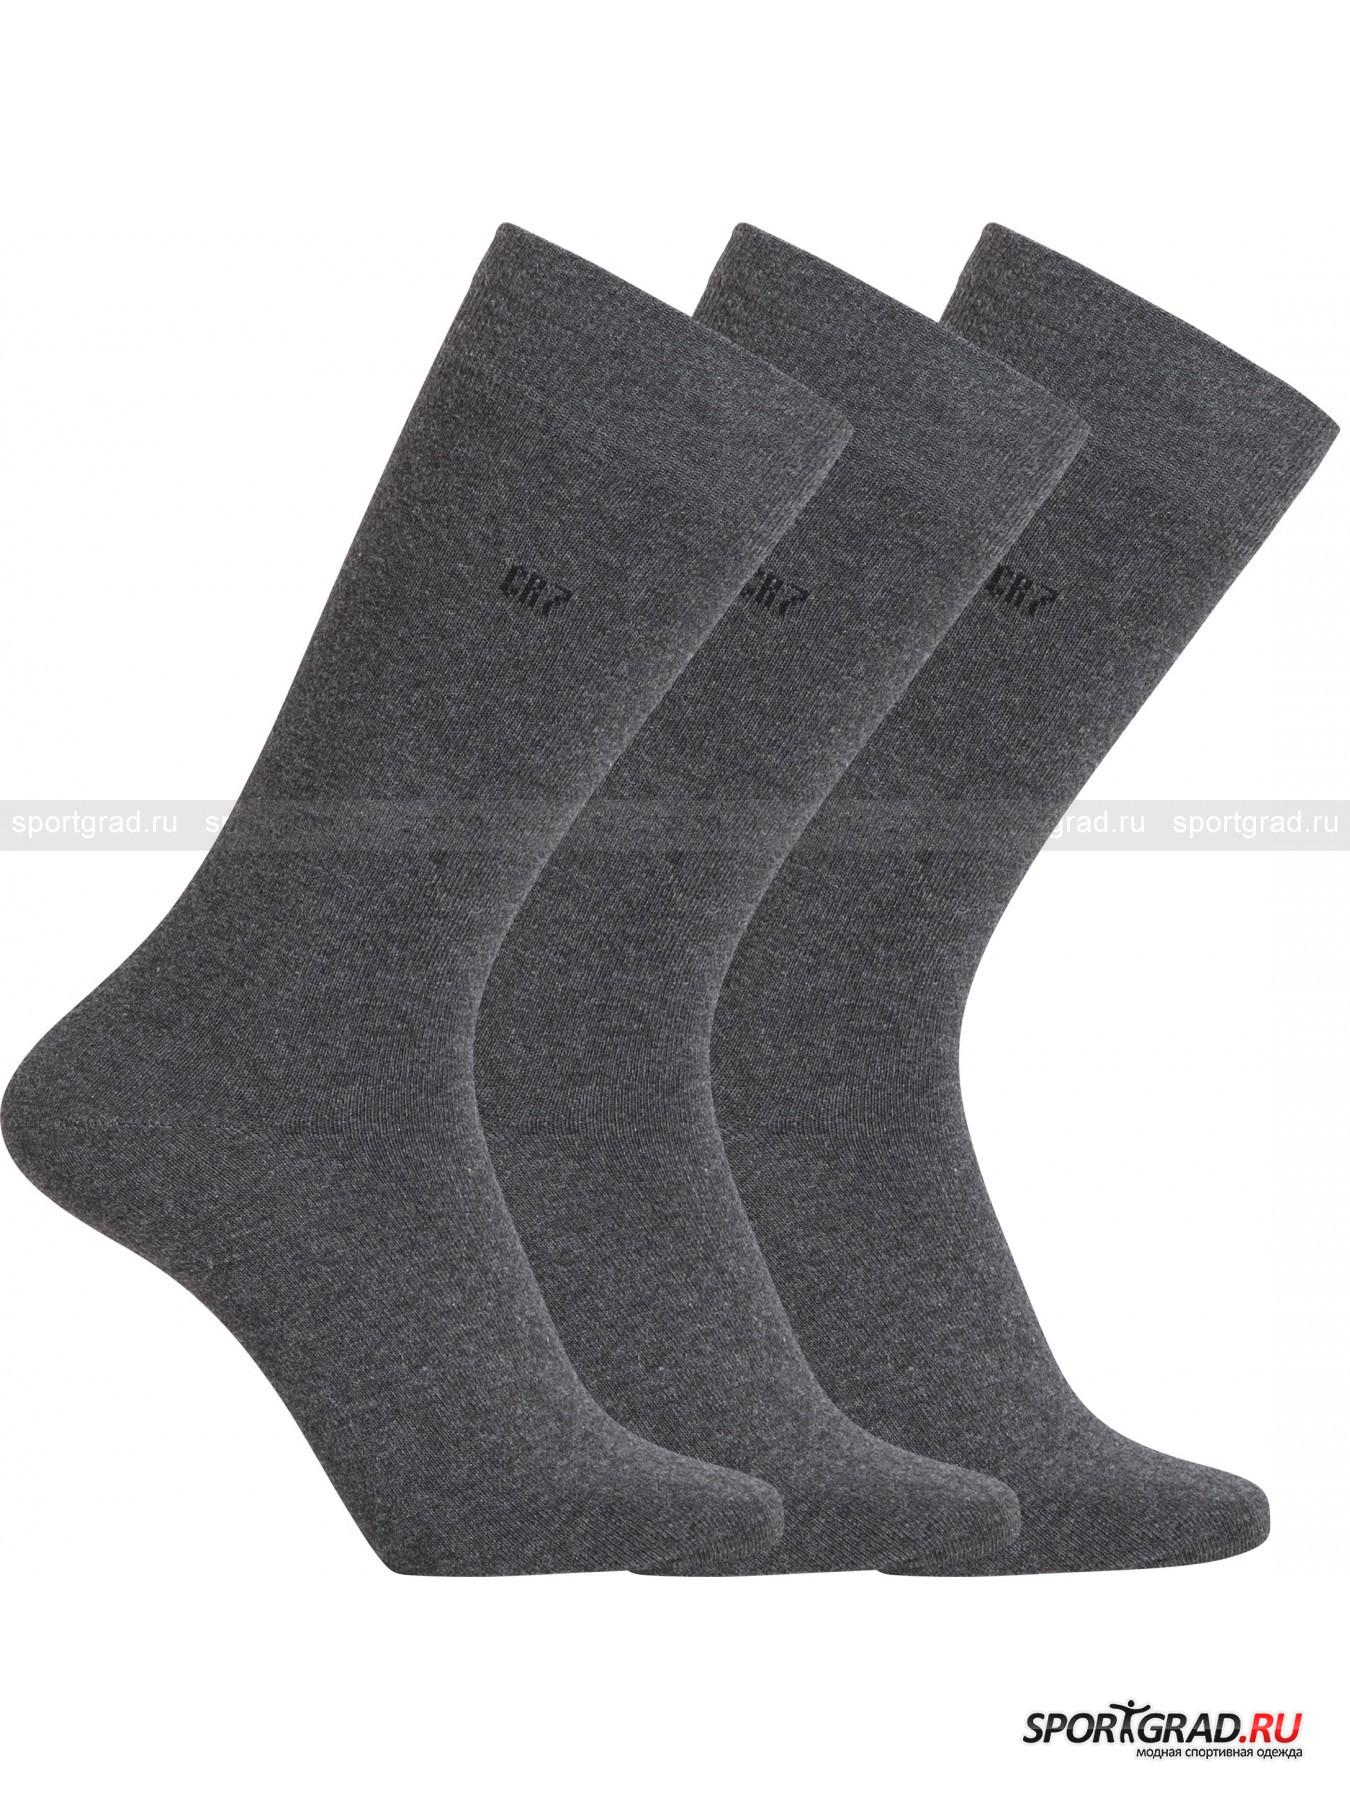 Набор высоких мужских носков 3-Pack Cotton Stretch CR7